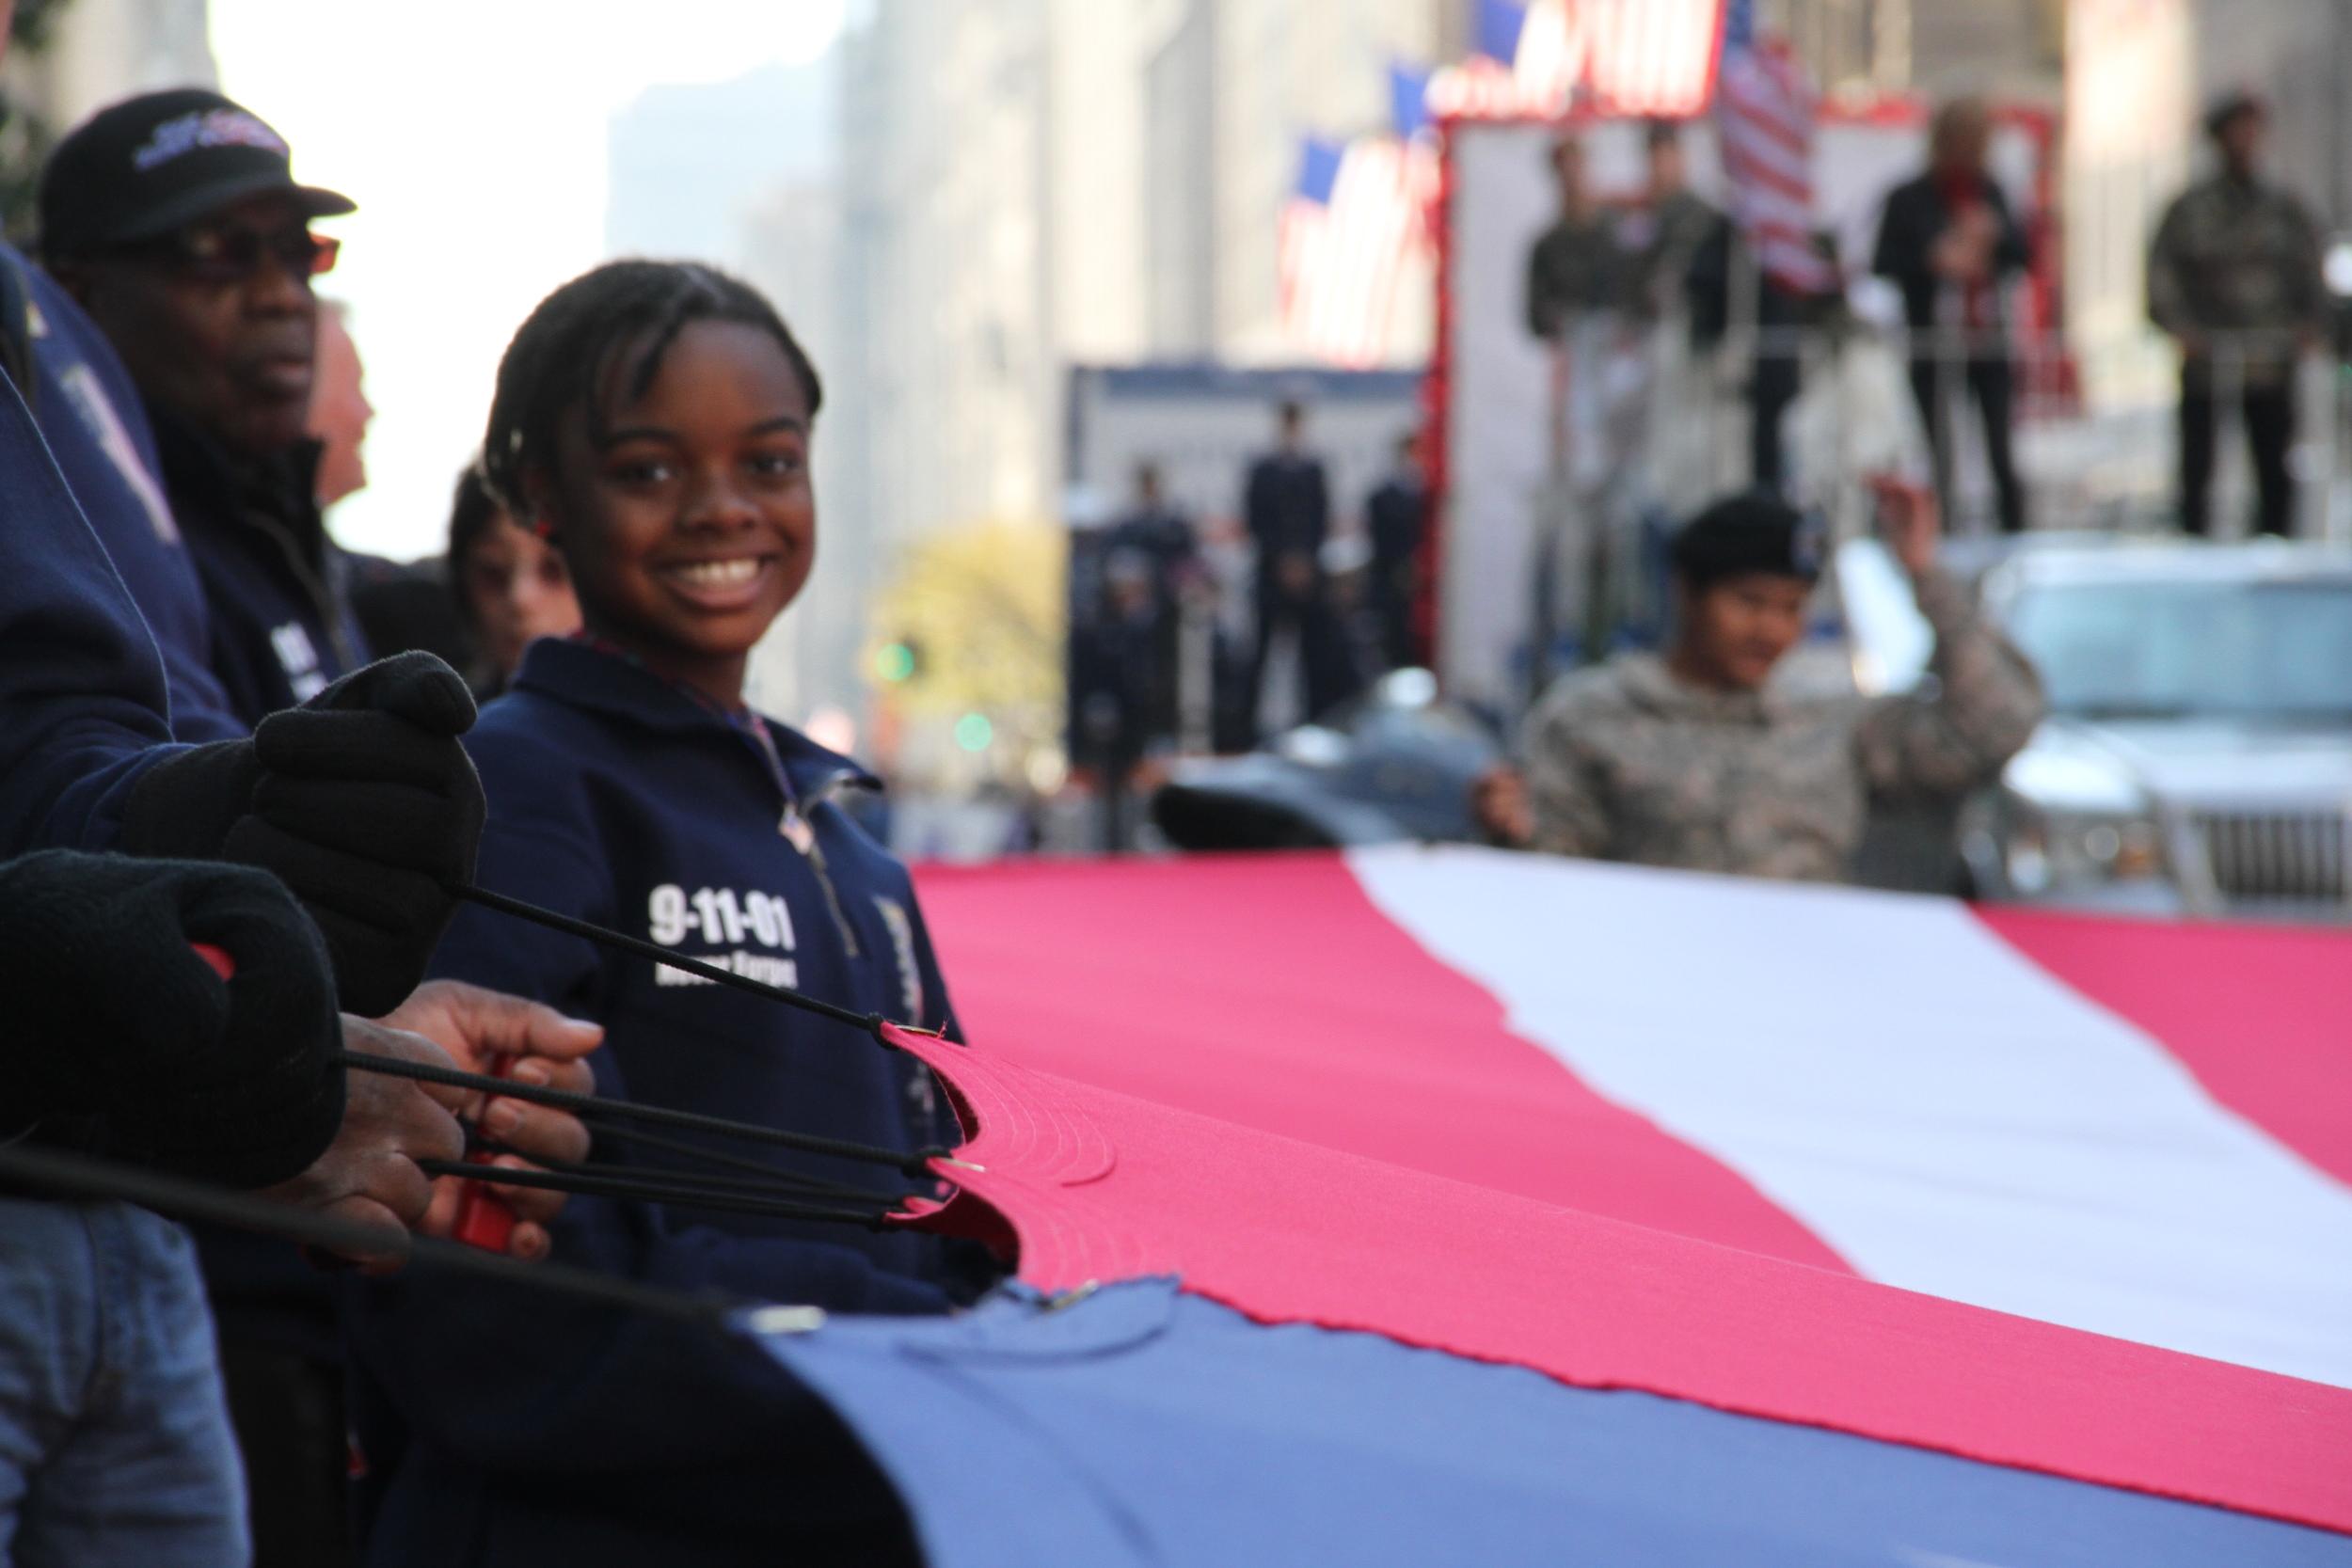 Veterans Day Parade in N.Y.C 2012. Photograph by Cierra Mazzola